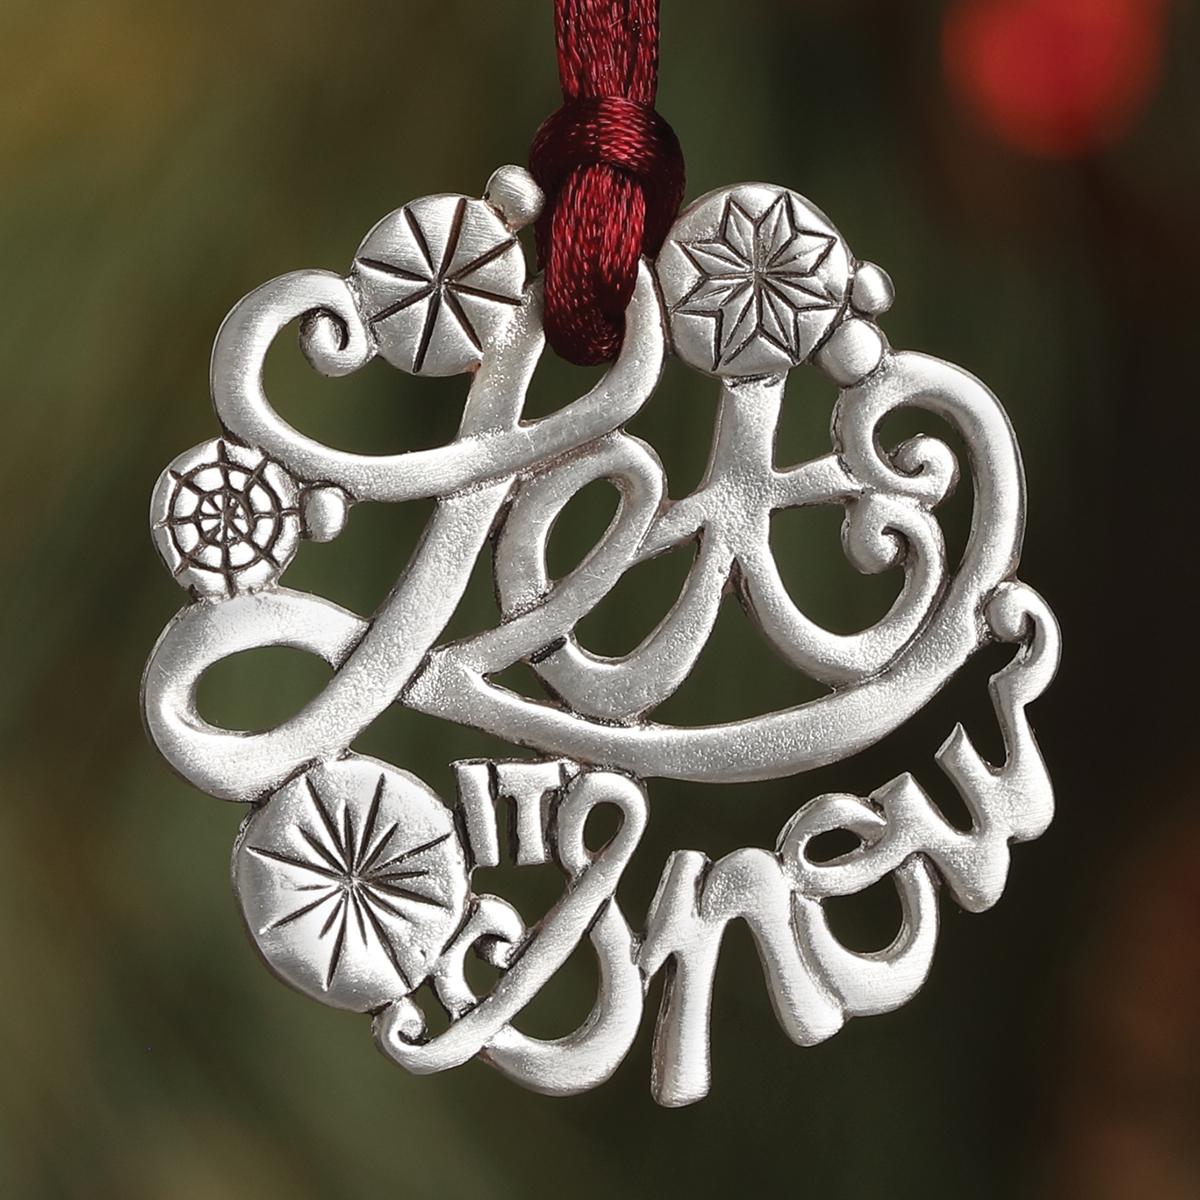 Let It Snow Plant a Tree Ornament